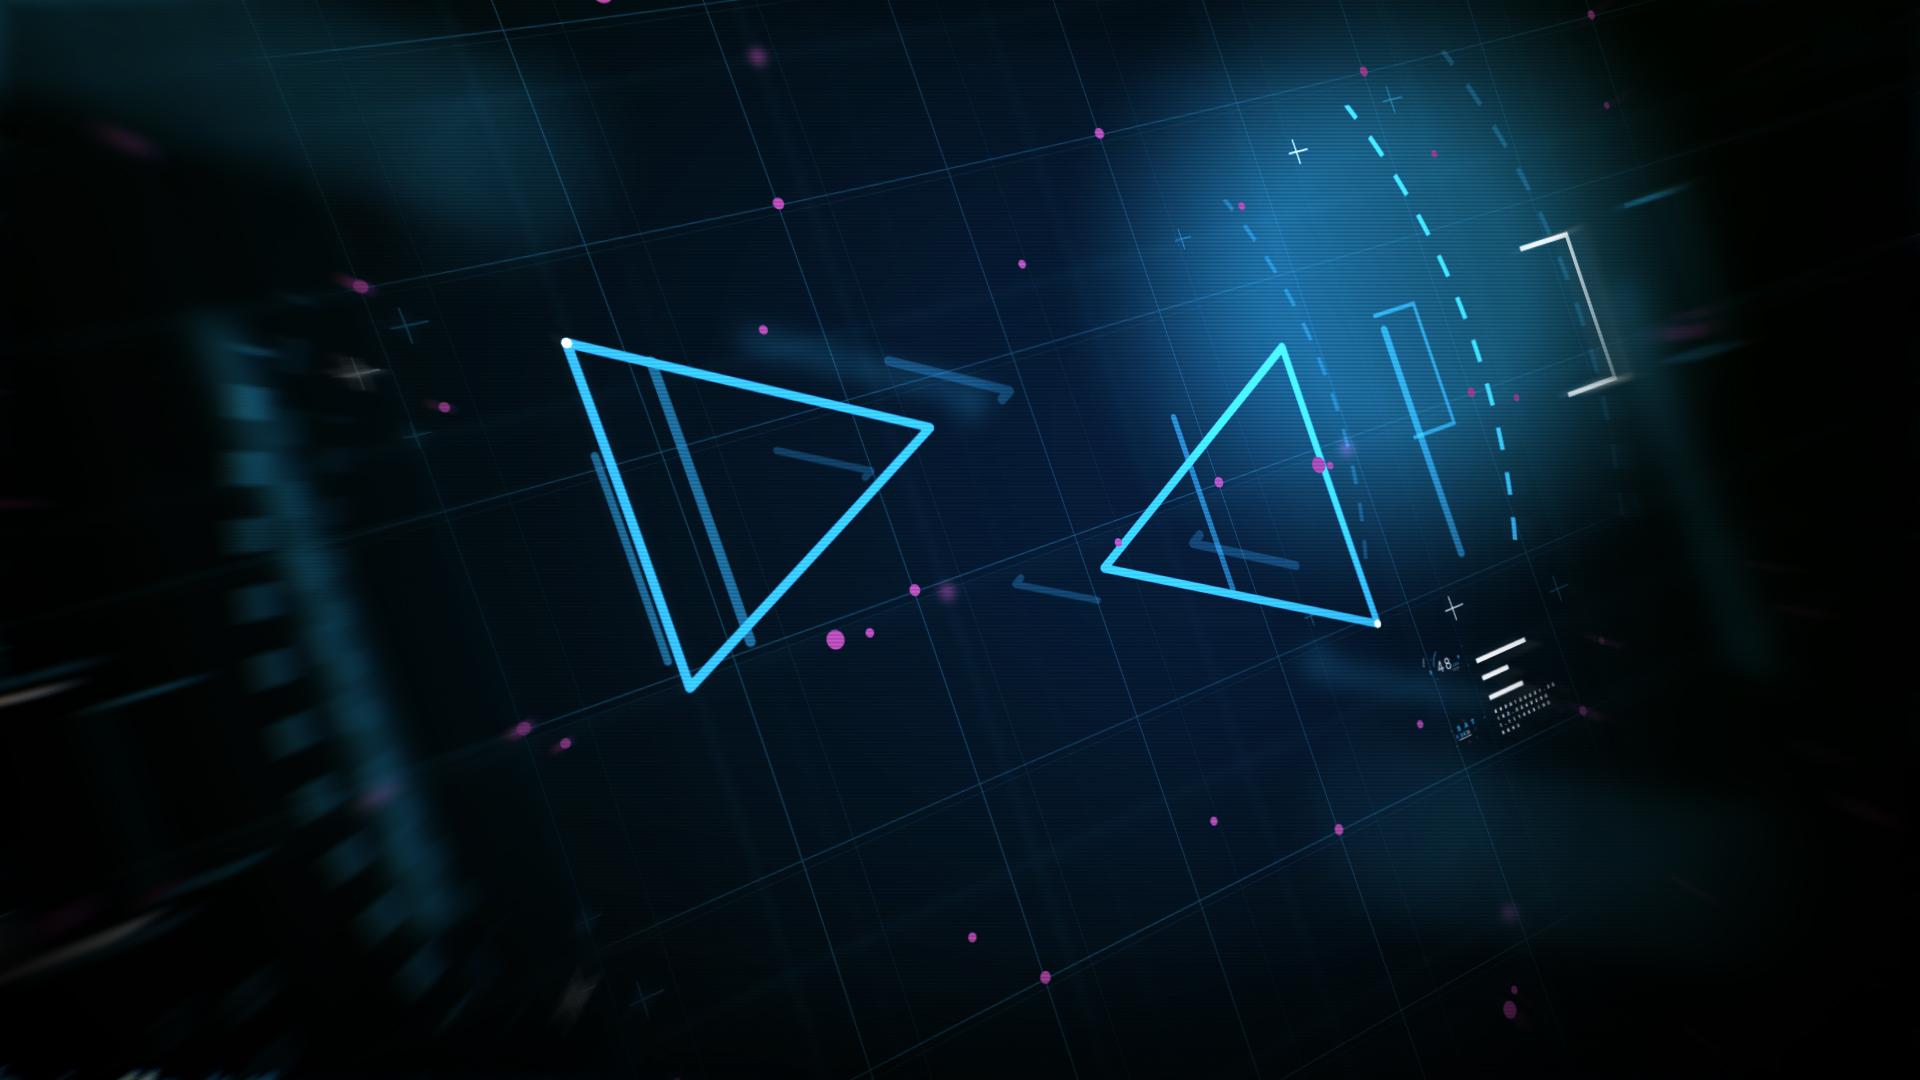 Triangle_02-Komp-1